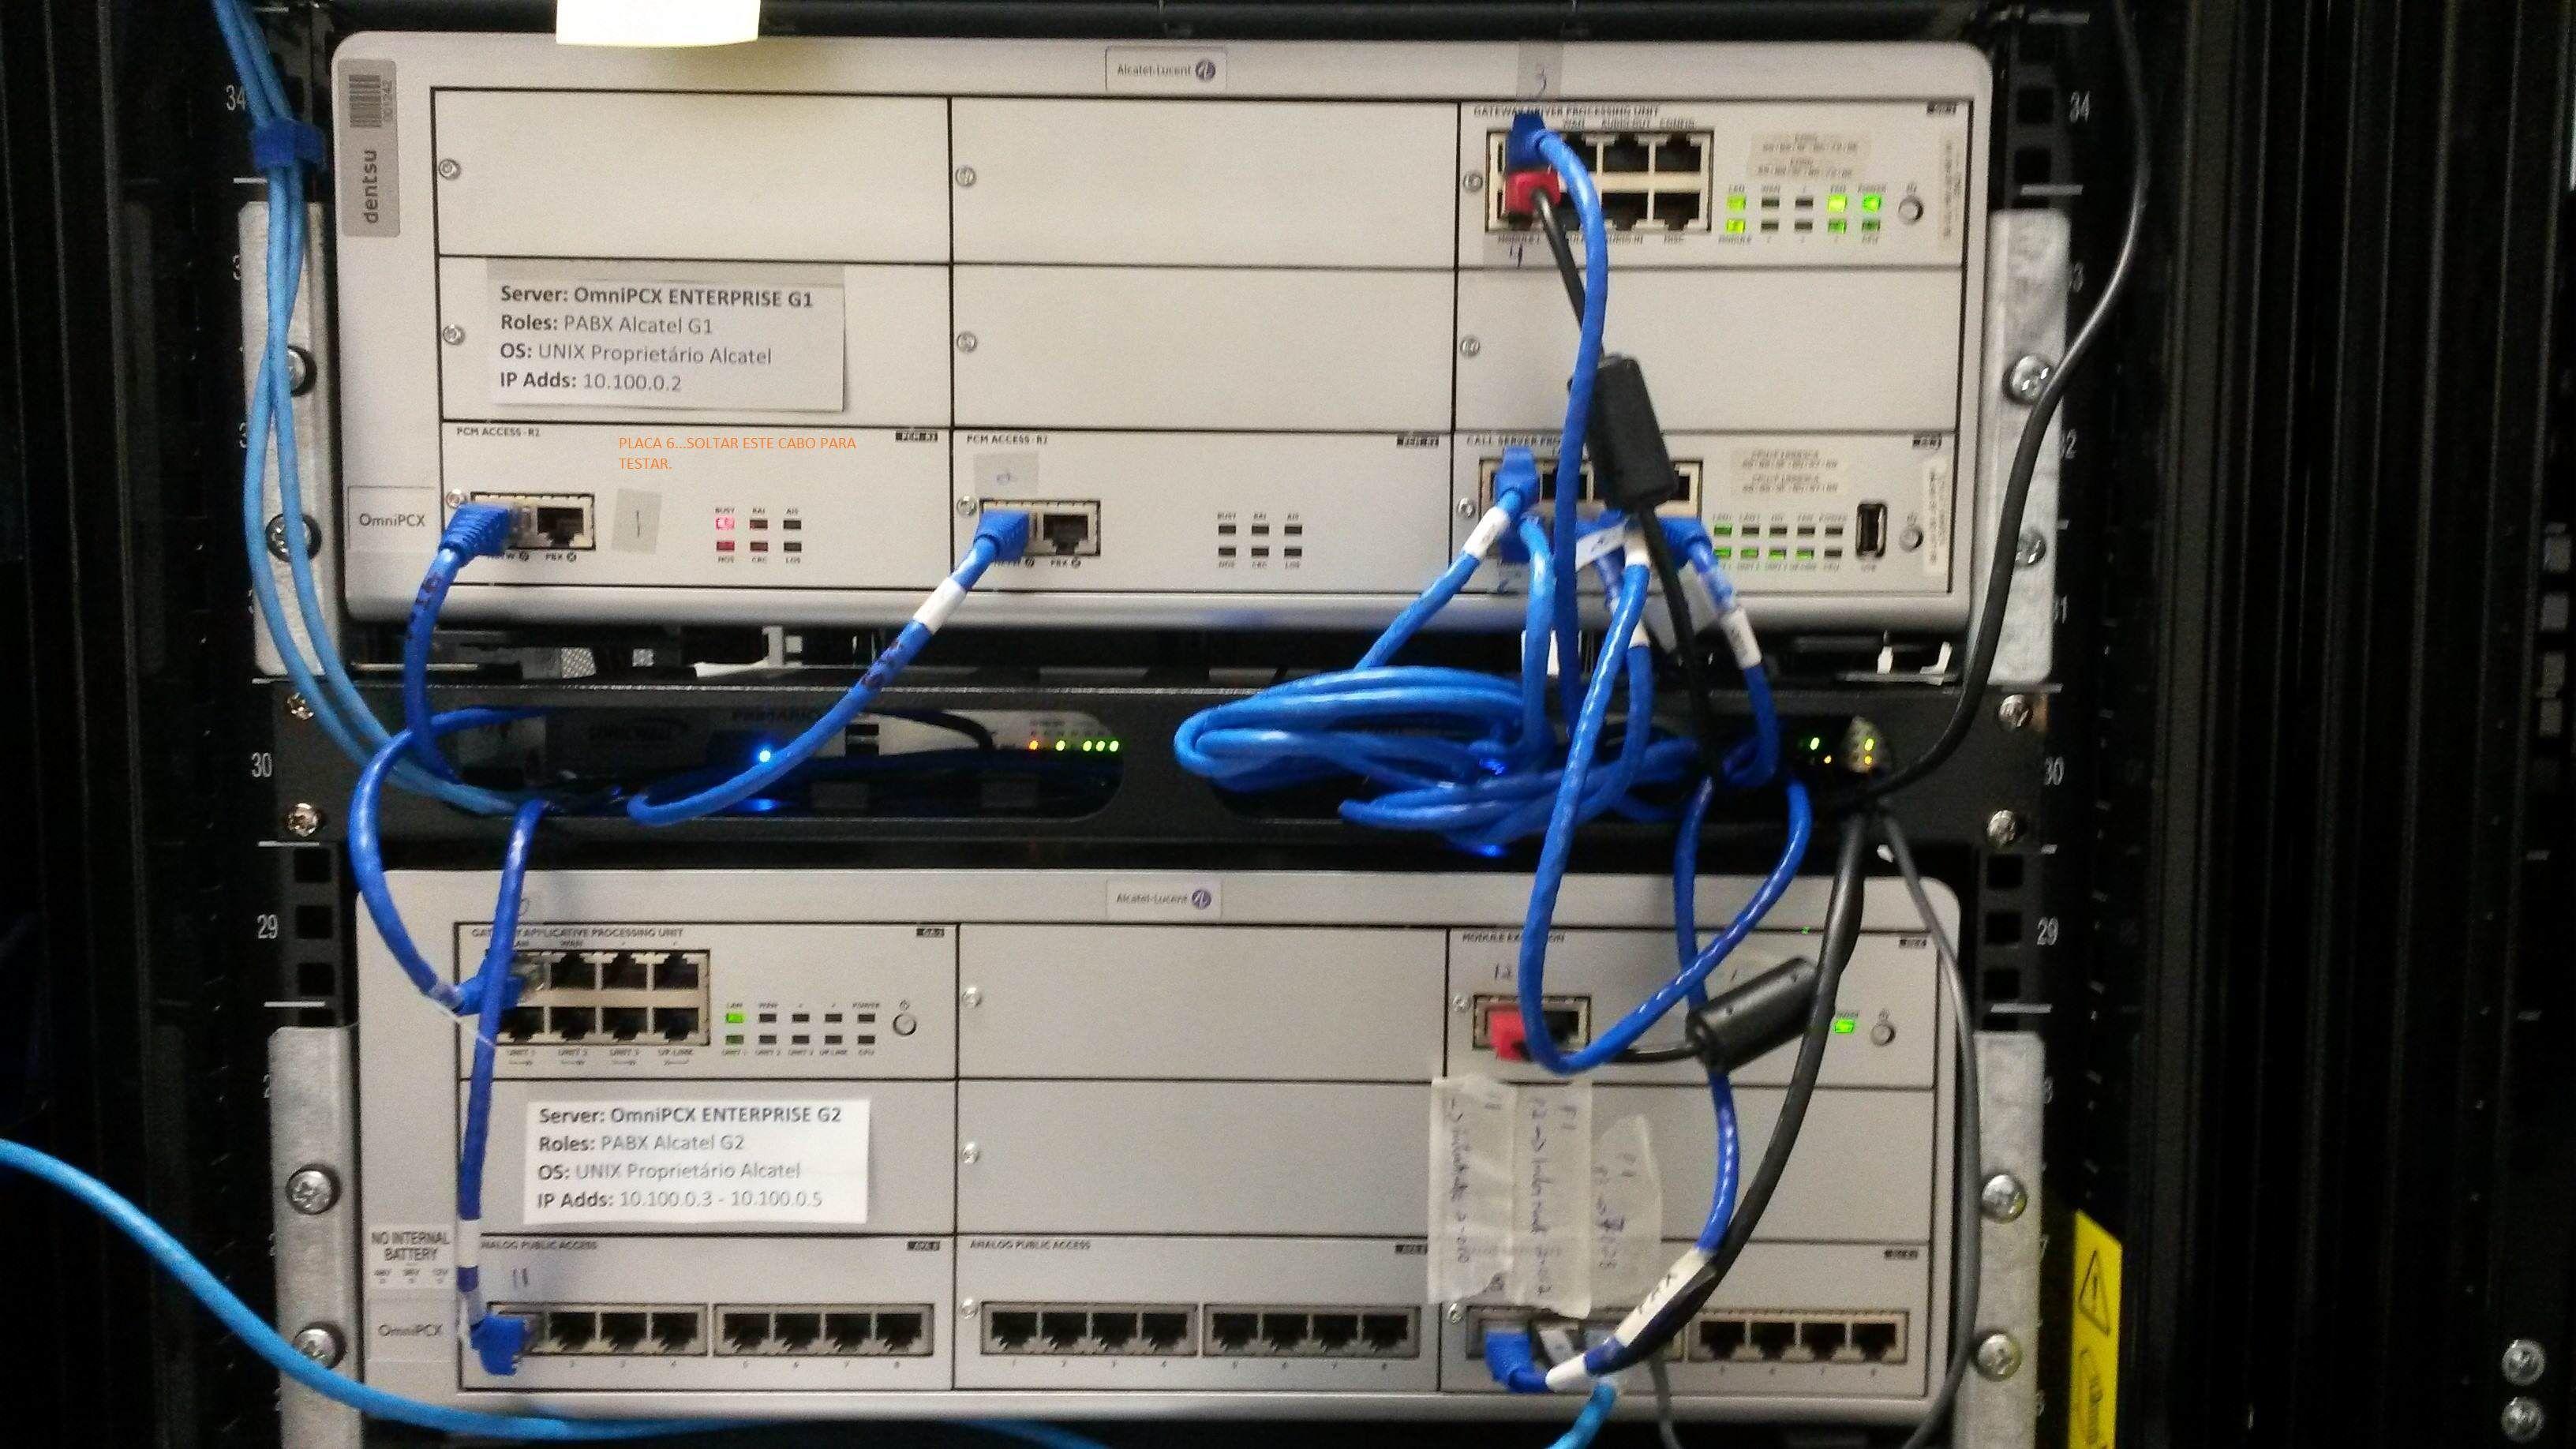 Como garantir segurança dos dispositivos móveis na empresa